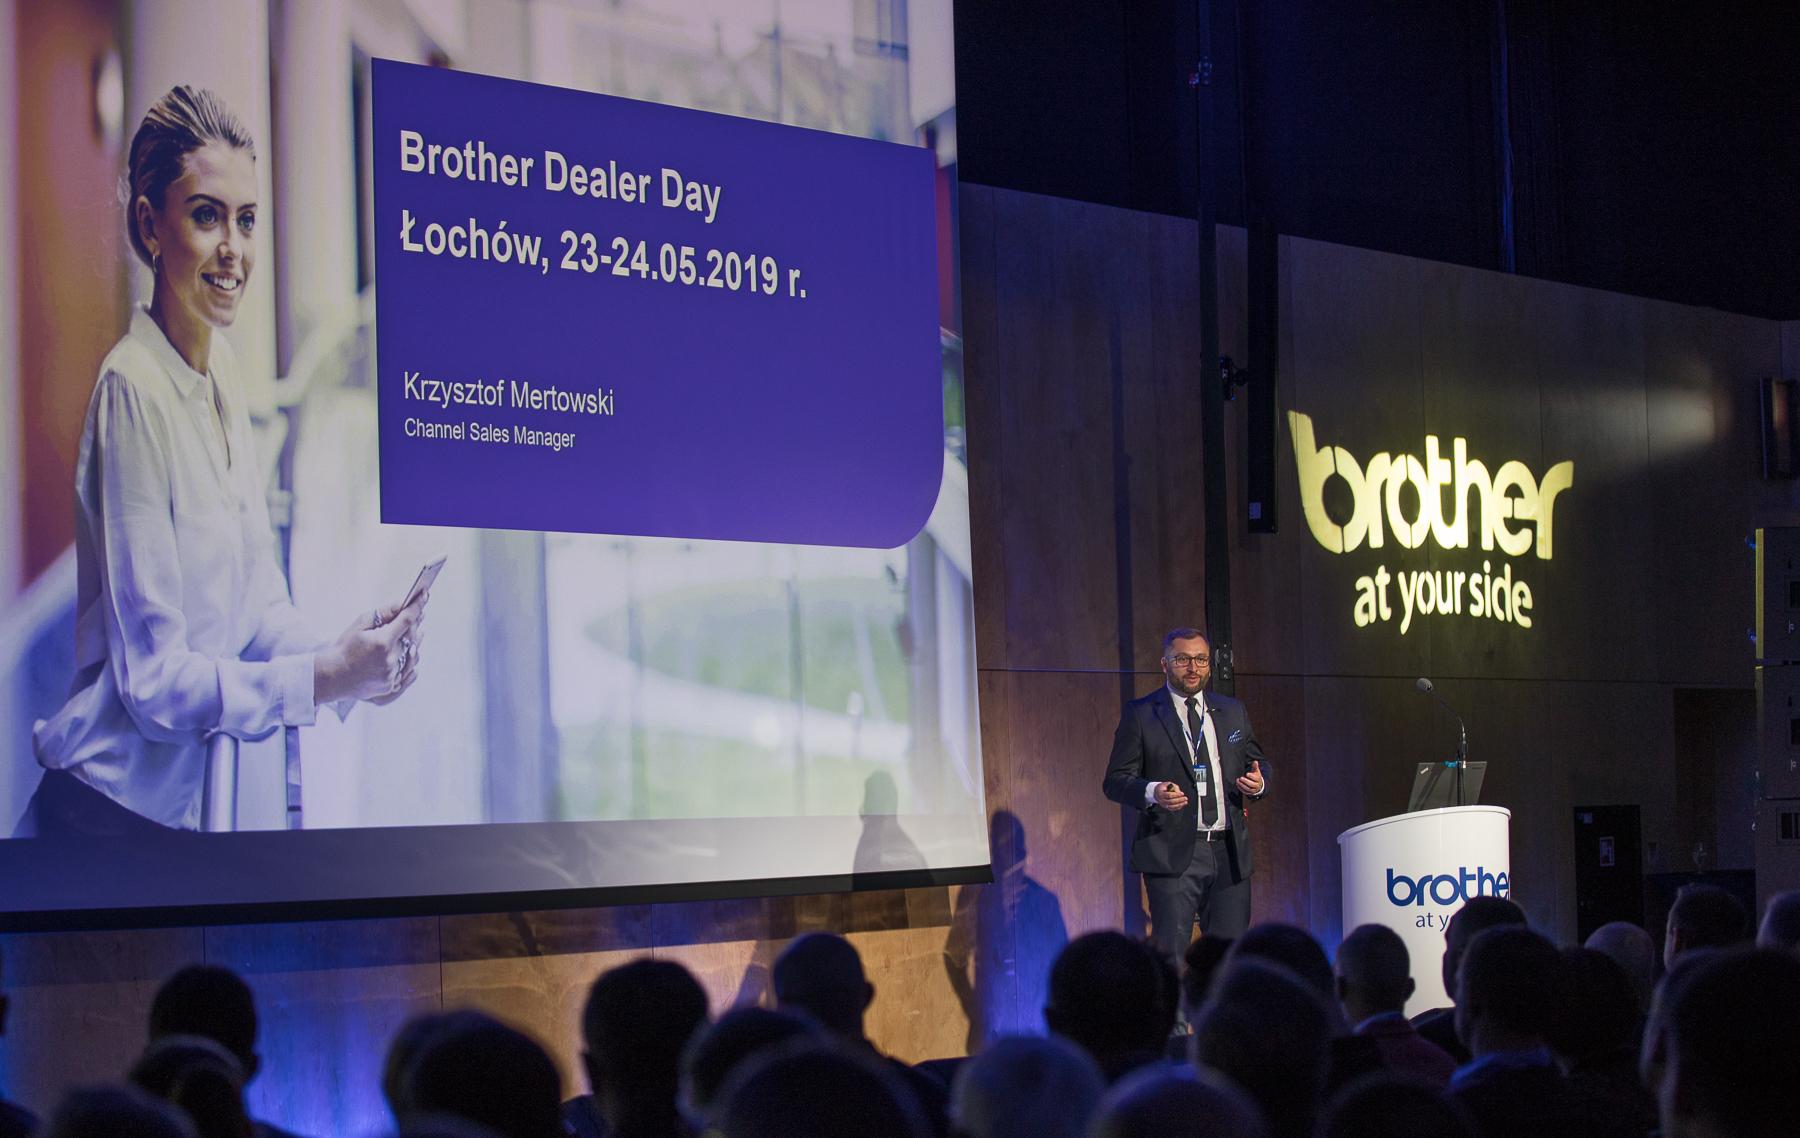 Brother: spotkanie partnerów – Łochów 2019